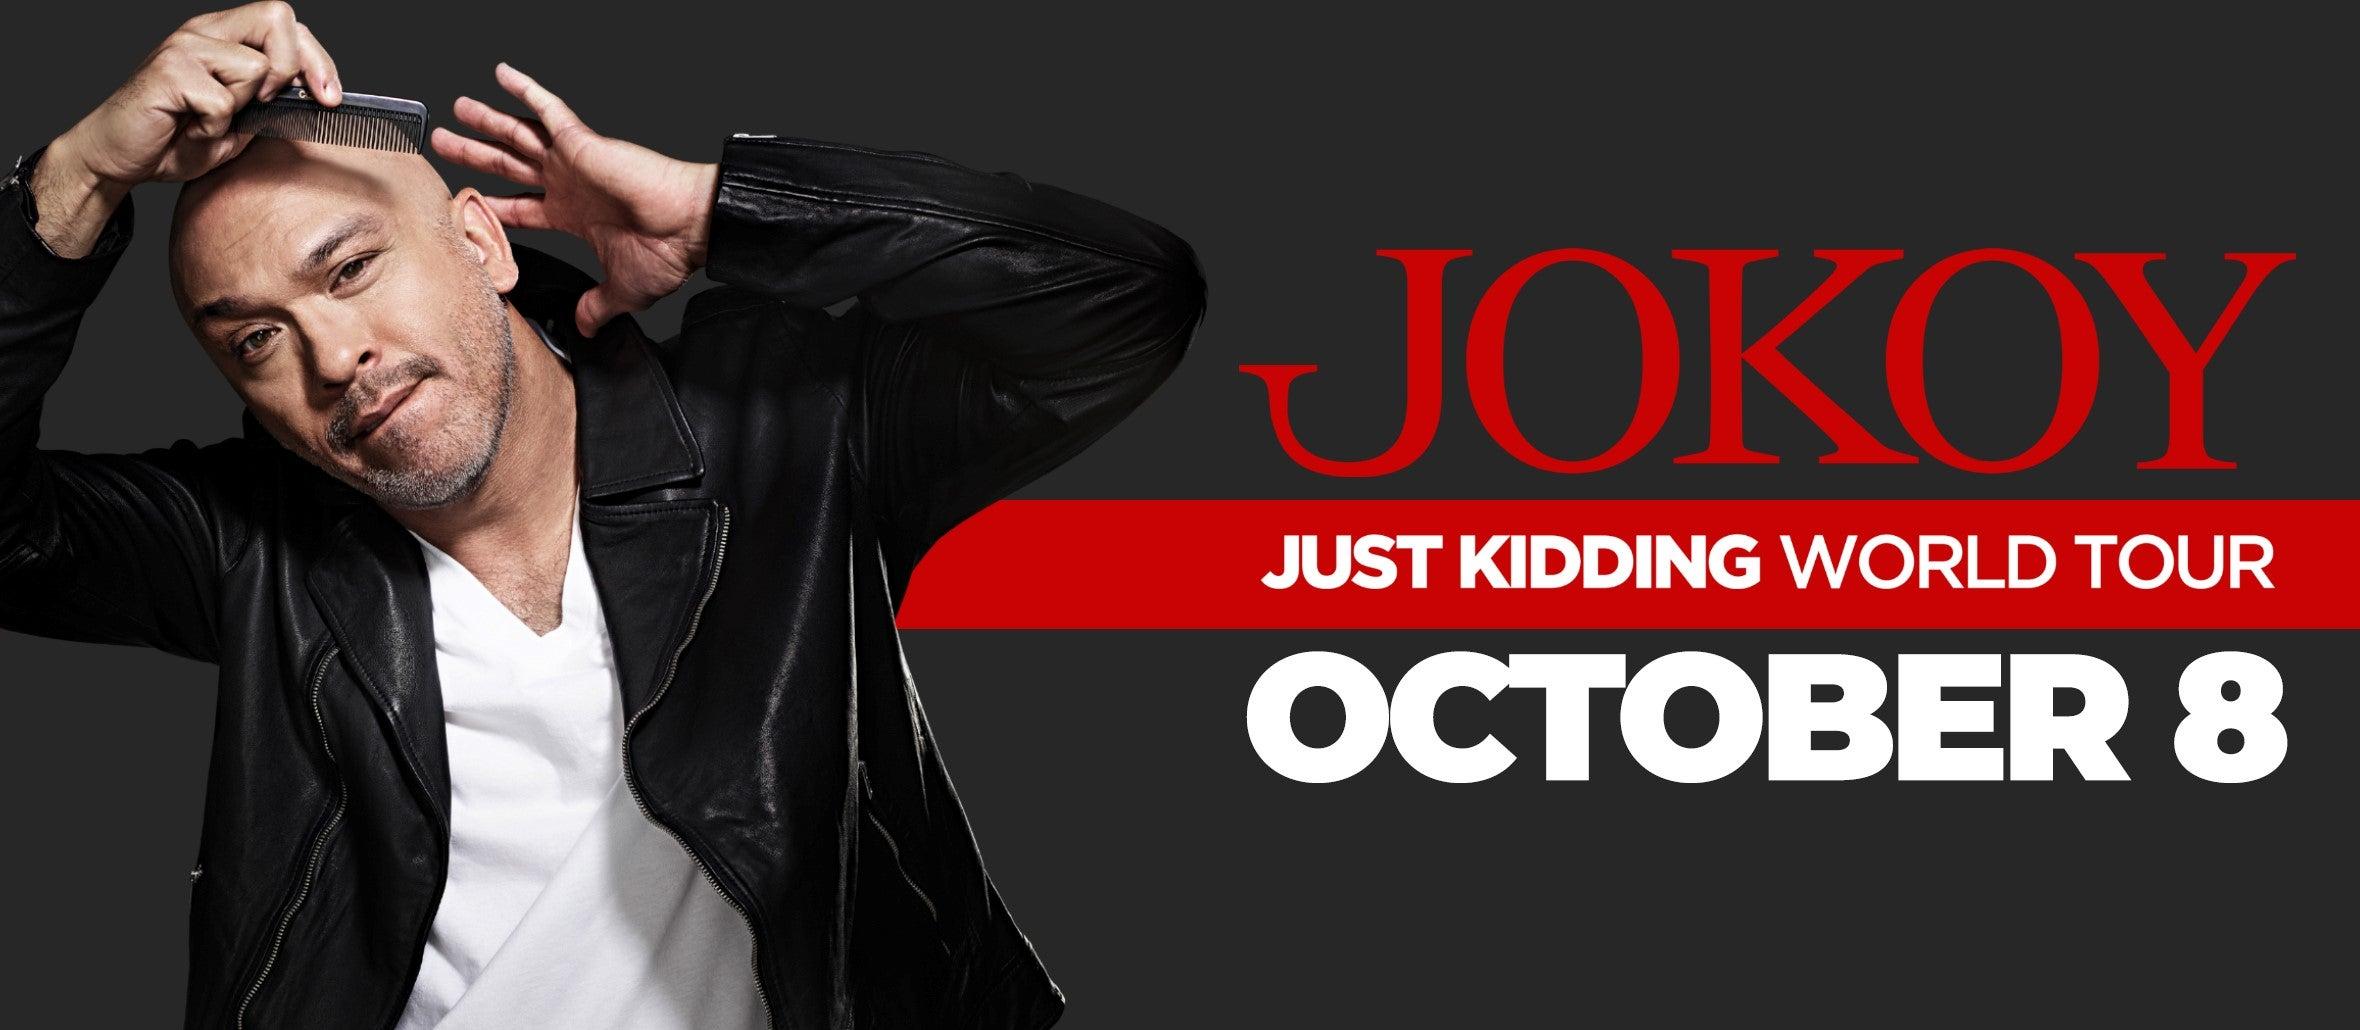 Jo Koy: Just Kidding World Tour